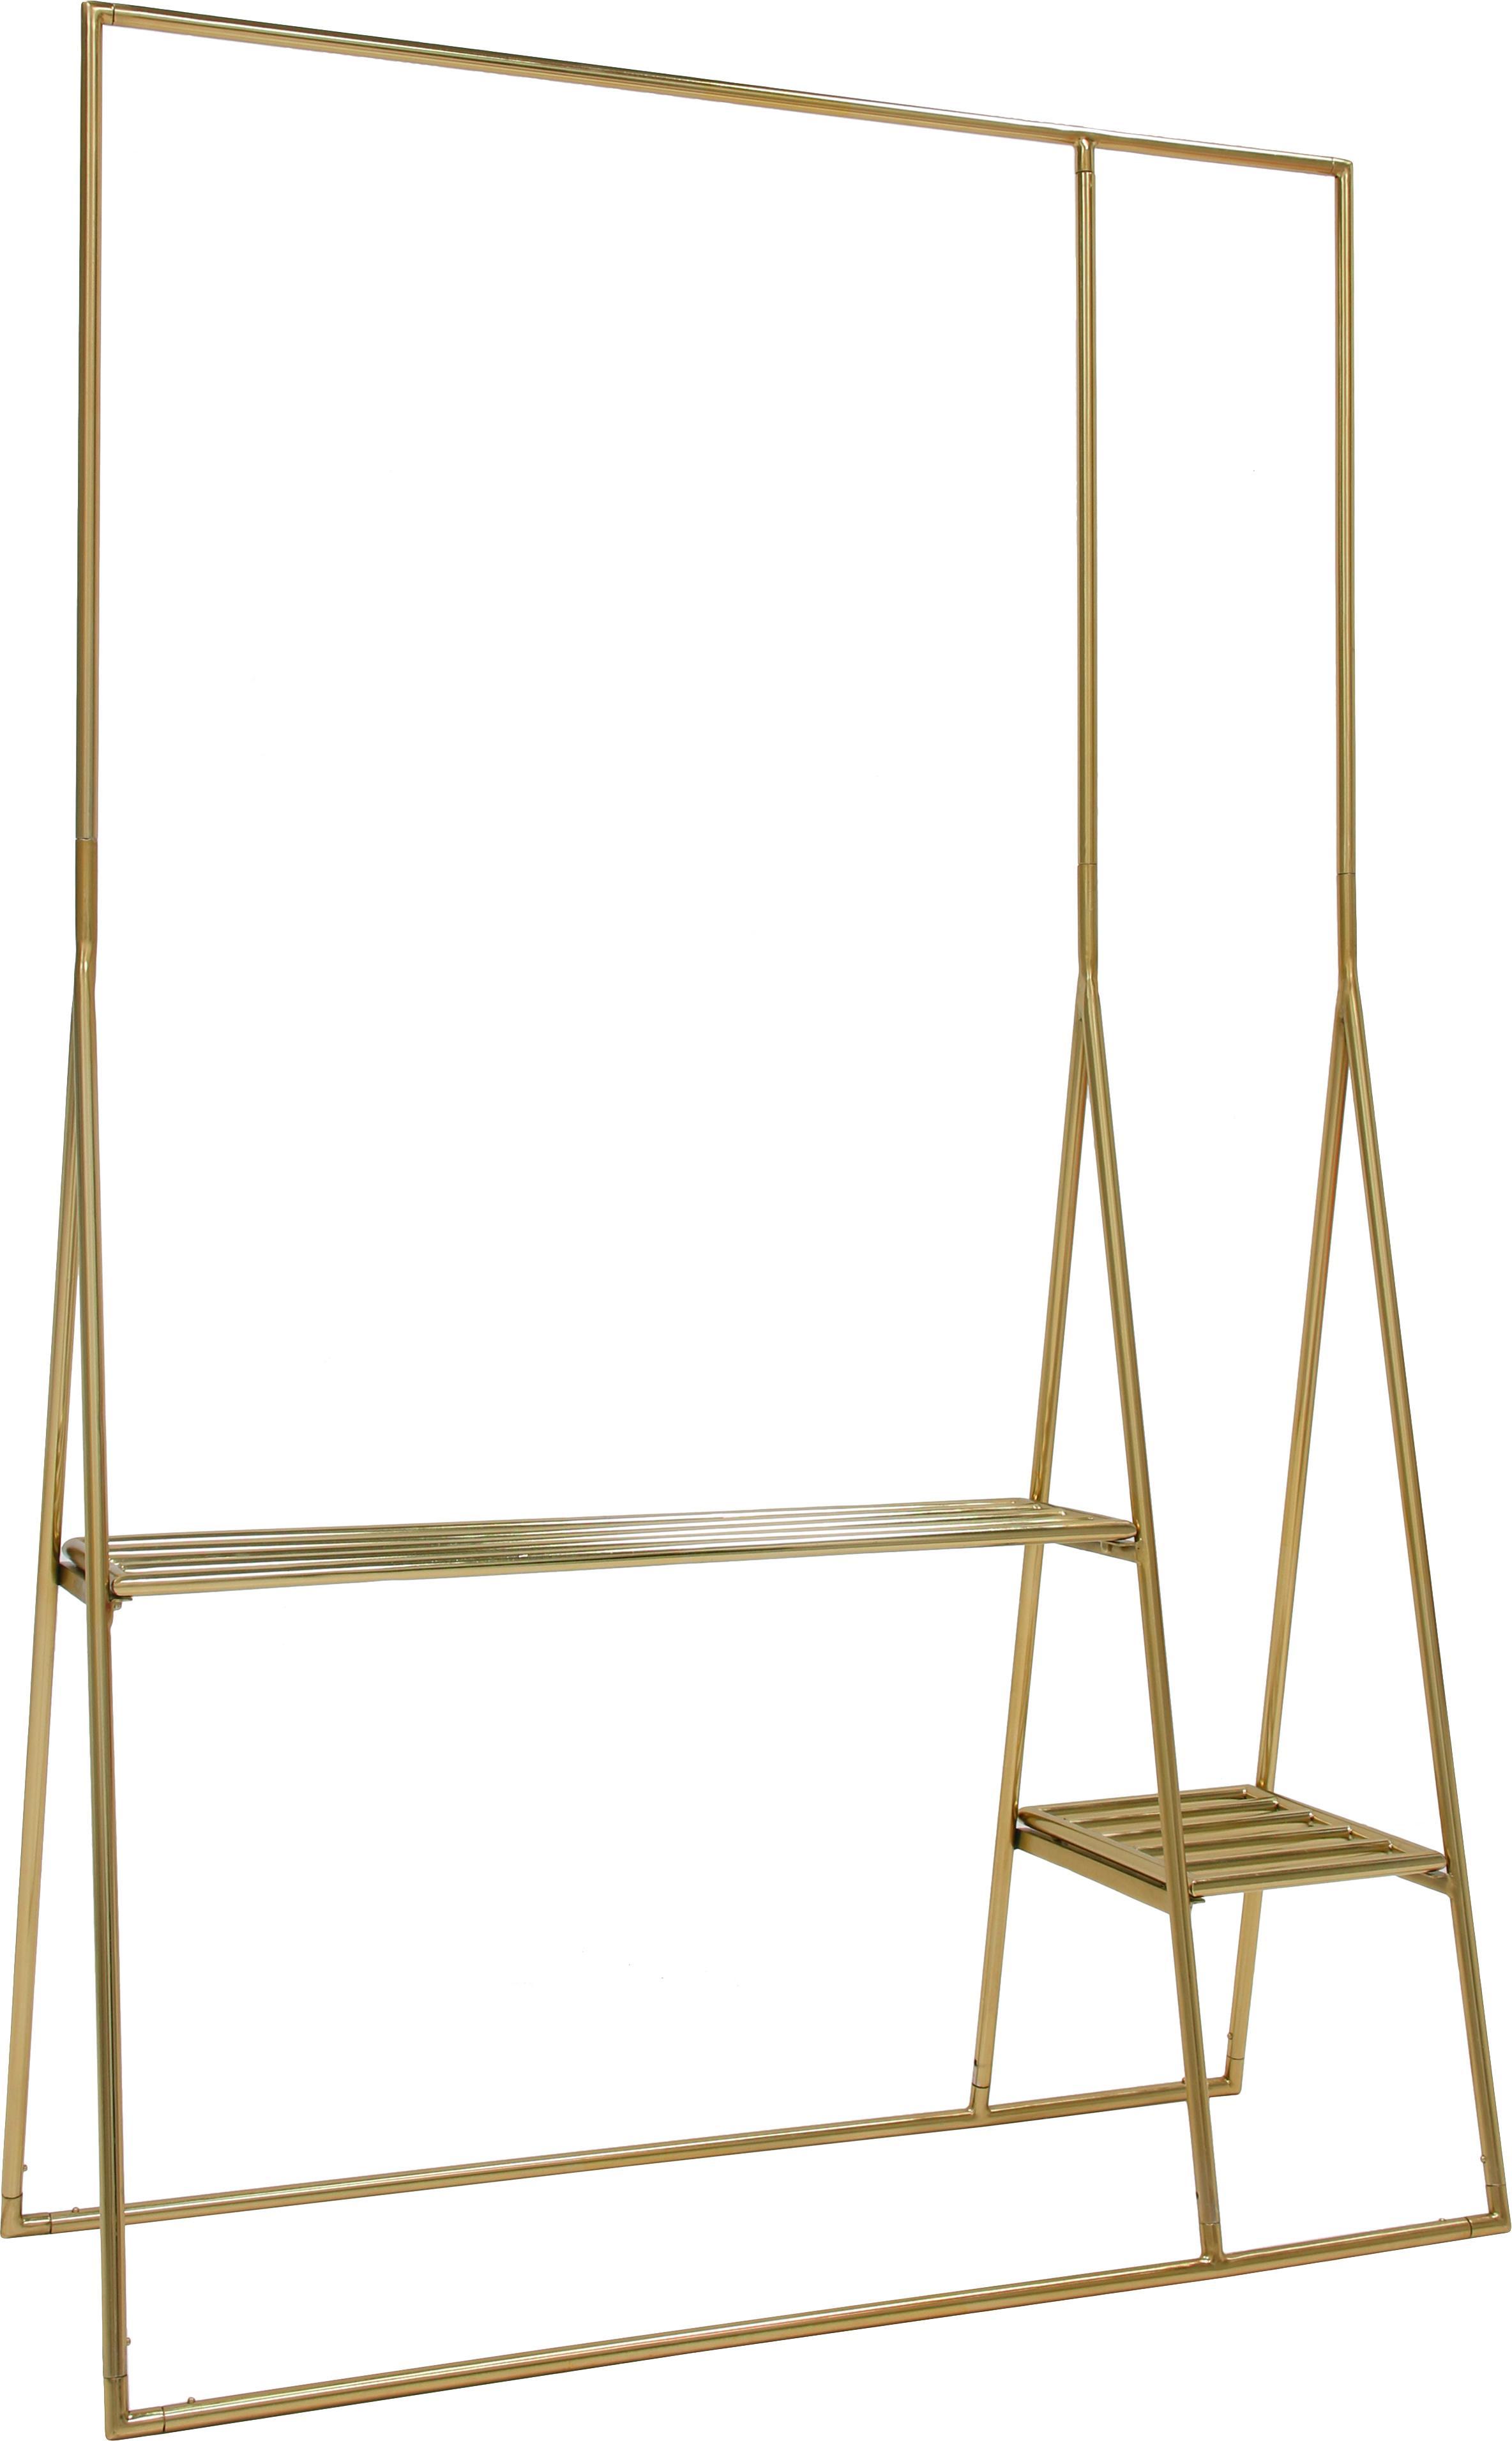 Metall-Kleiderständer Stacker in Goldfarben, Metall, beschichtet, Messingfarben, 125 x 190 cm